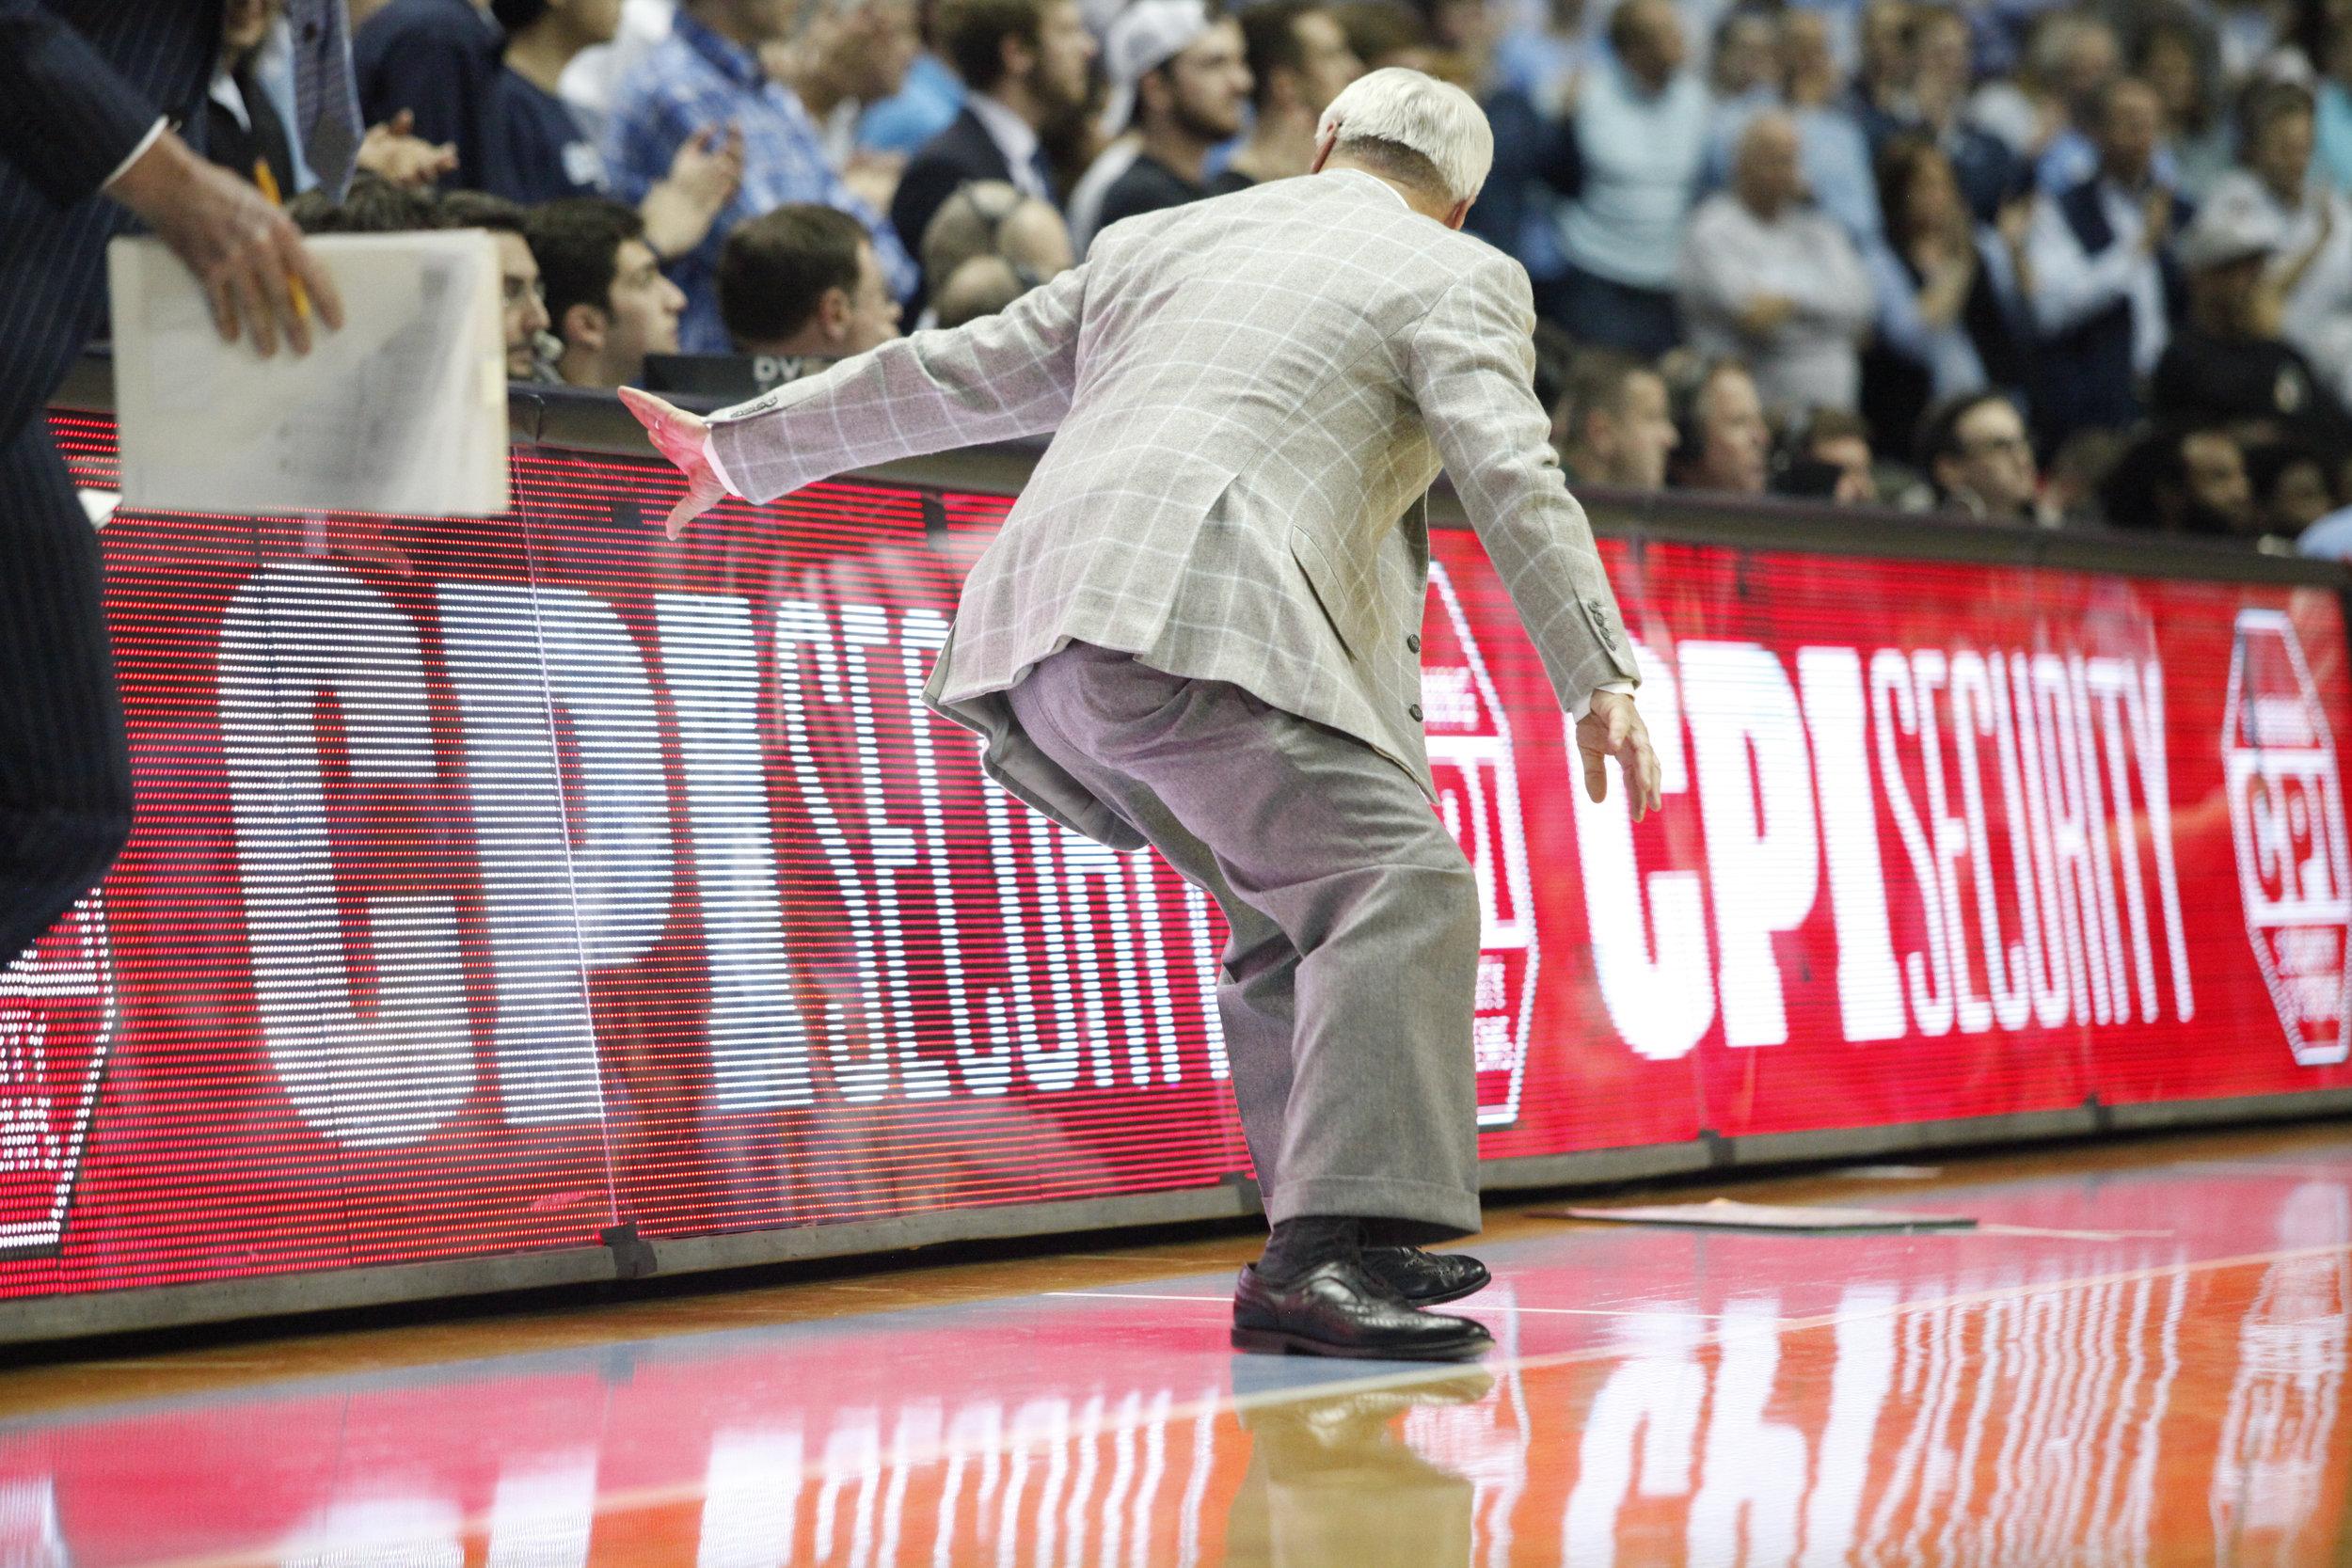 UNC head coach Roy Williams reaches back to catch himself as he has a vertigo attack during a game at the Dean Smith Center.